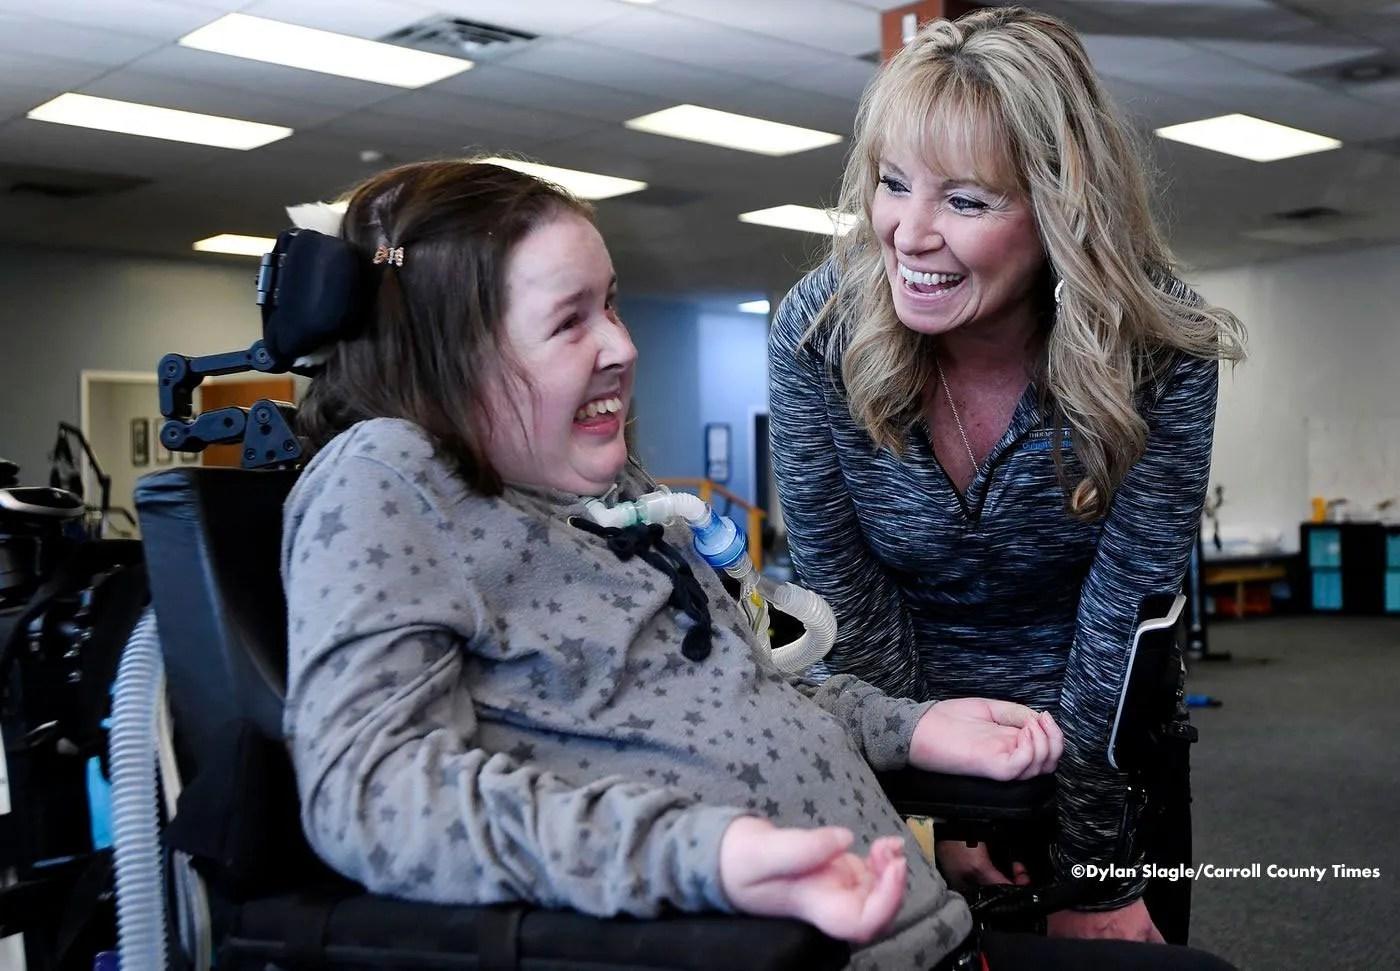 Therafit Rehab Gina Della Sarah O'Keefe Photo Copyright Dylan Slagle Carroll County Times